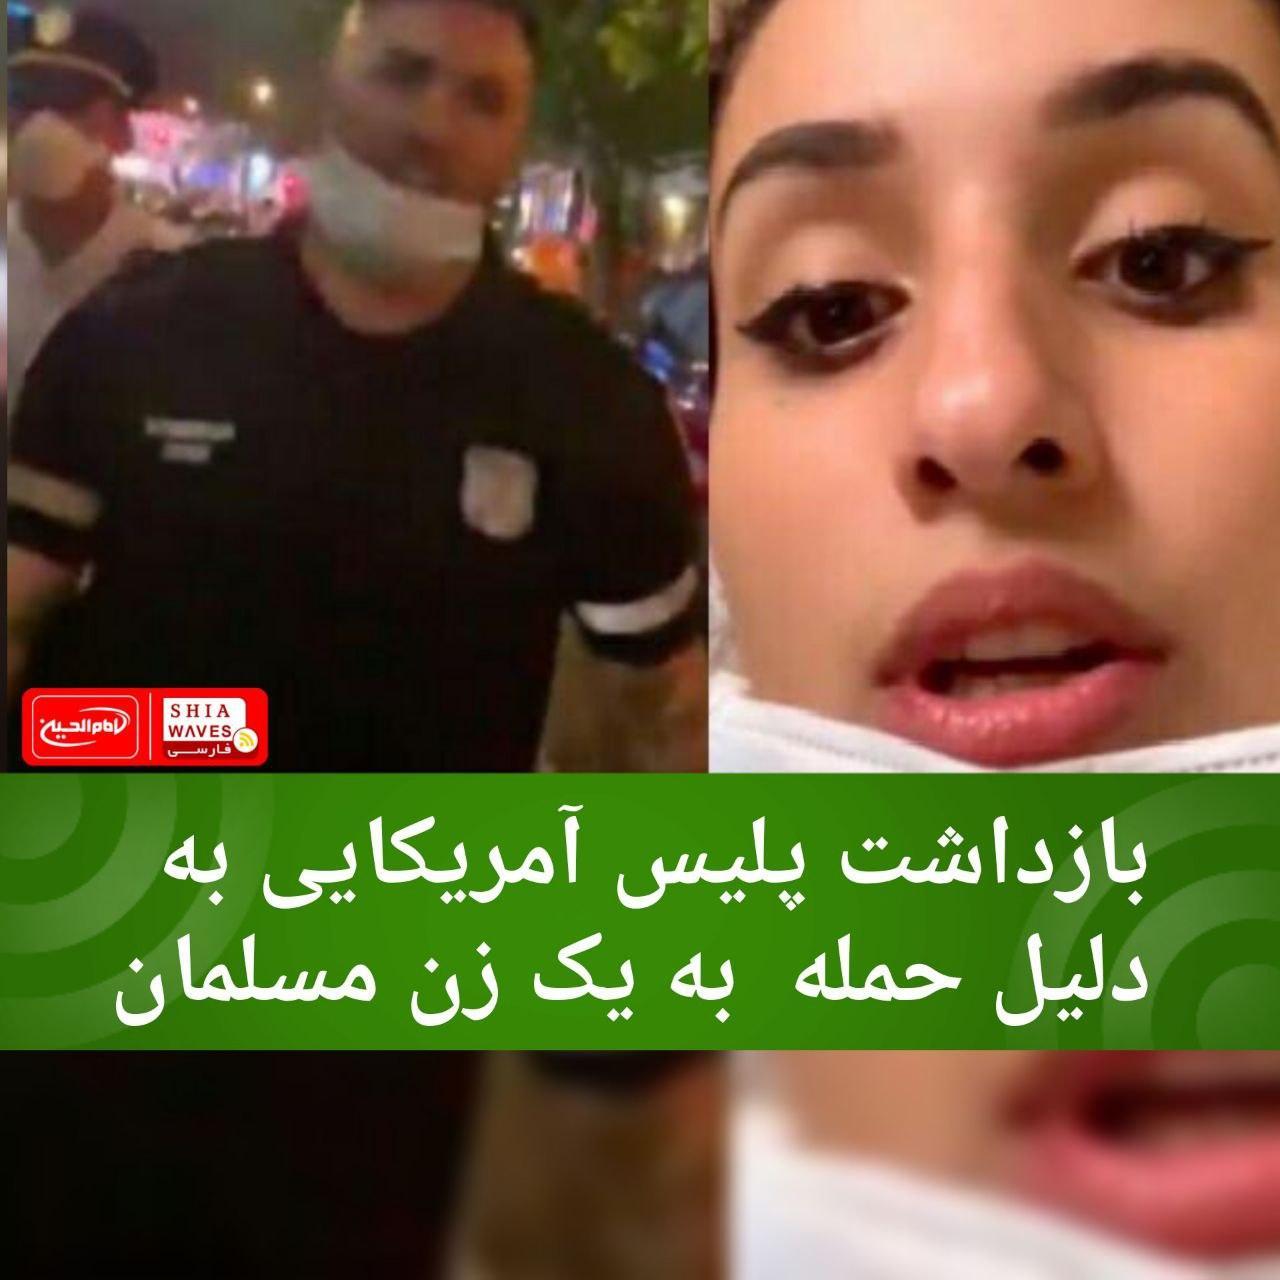 تصویر بازداشت پلیس آمریکایی به دلیل حمله  به یک زن مسلمان